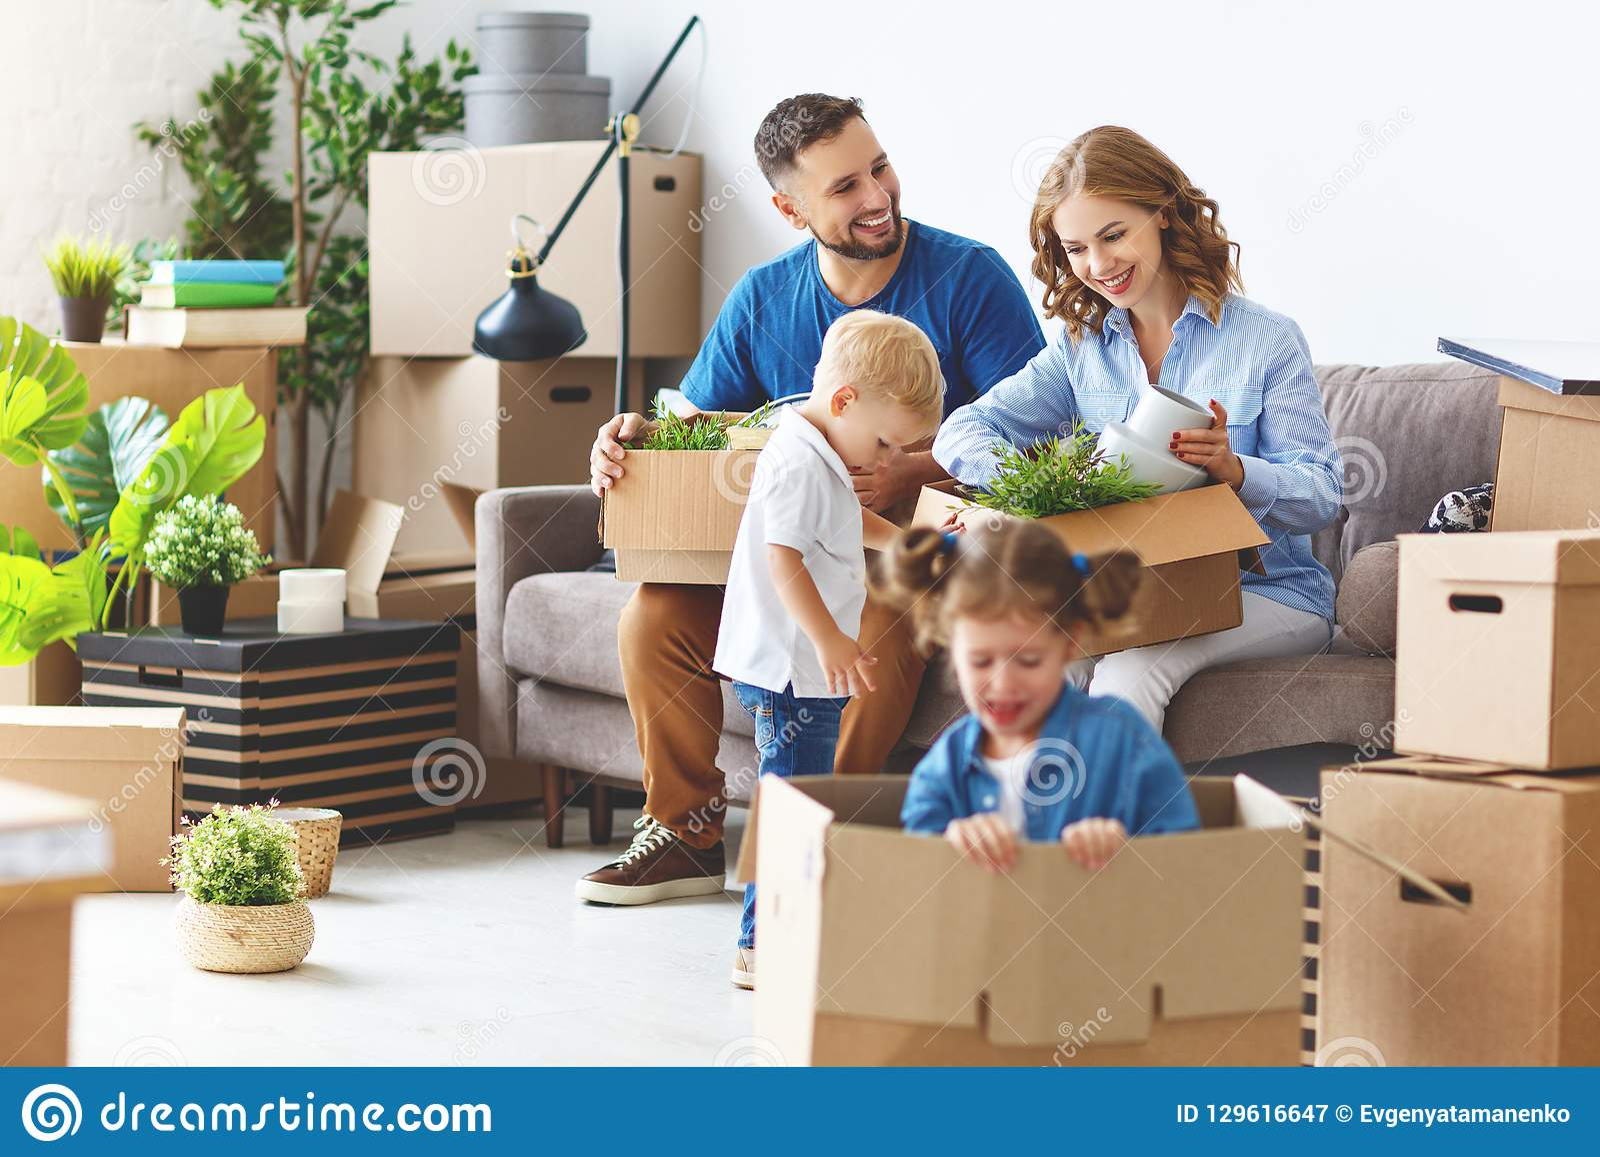 Ευτυχής κίνηση πατέρων και παιδιών οικογενειακών μητέρων προς το νέο διαμέρισμα